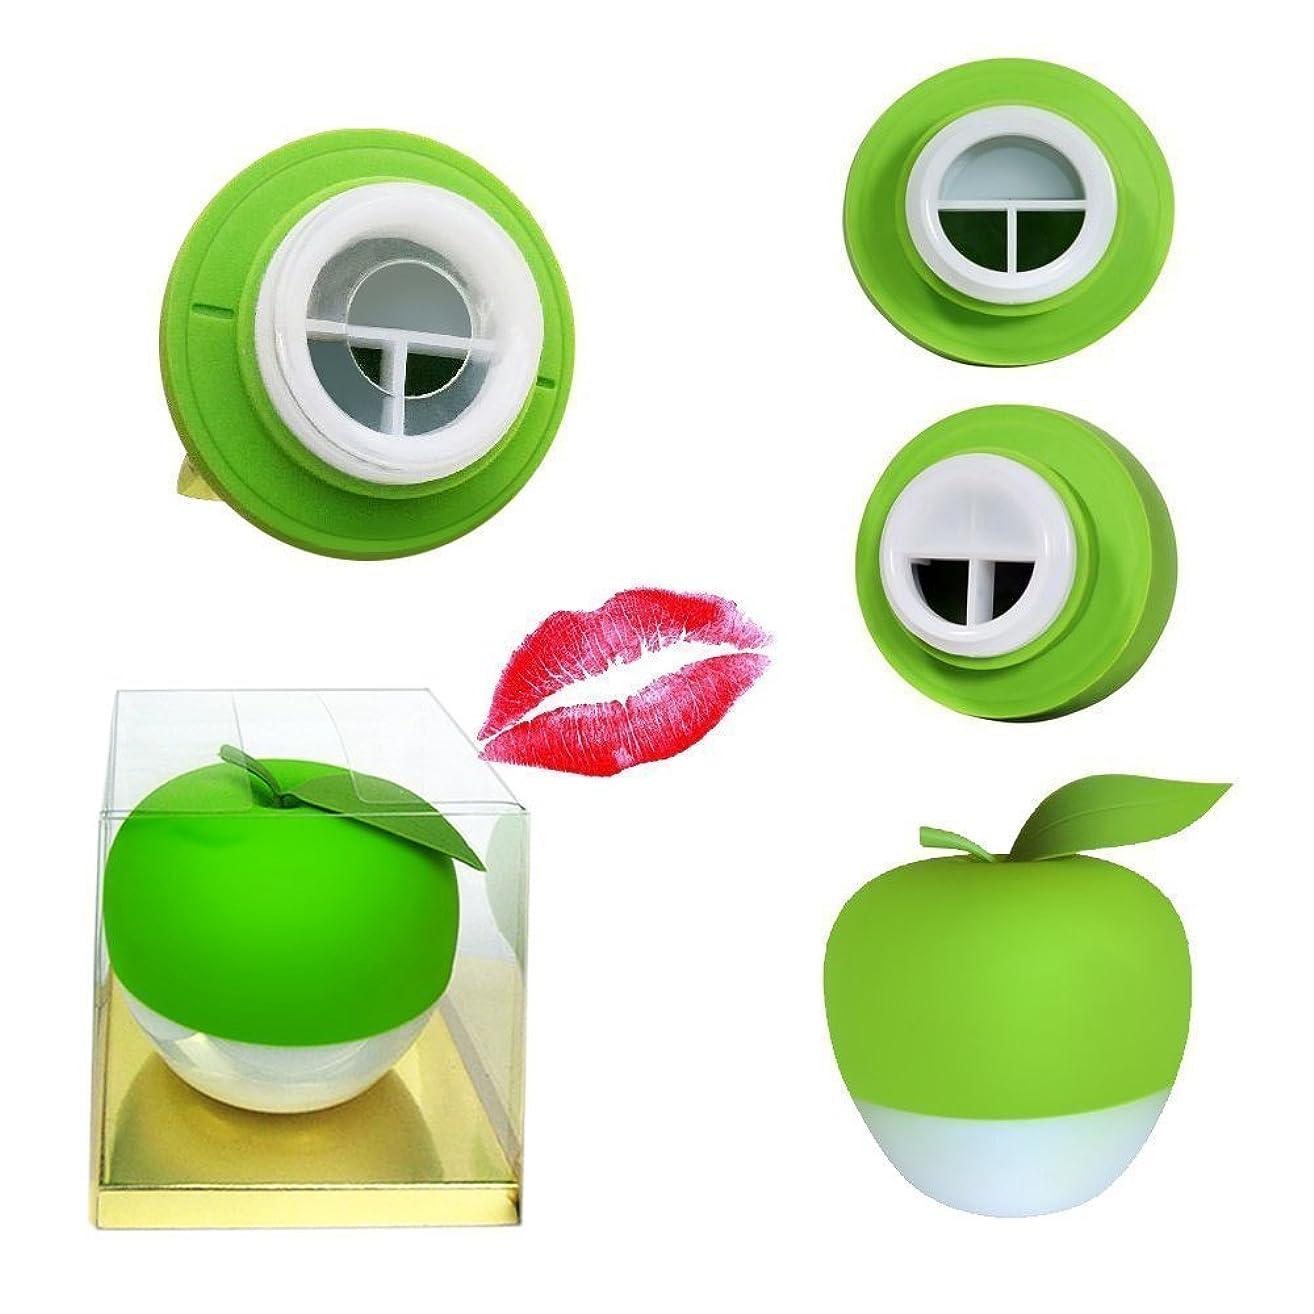 Wcysin Womens Girls Lips Enhancer Plumper Tool Sexy Mouth Beauty Lip Pump Enhancement Lips Plumper (Green)